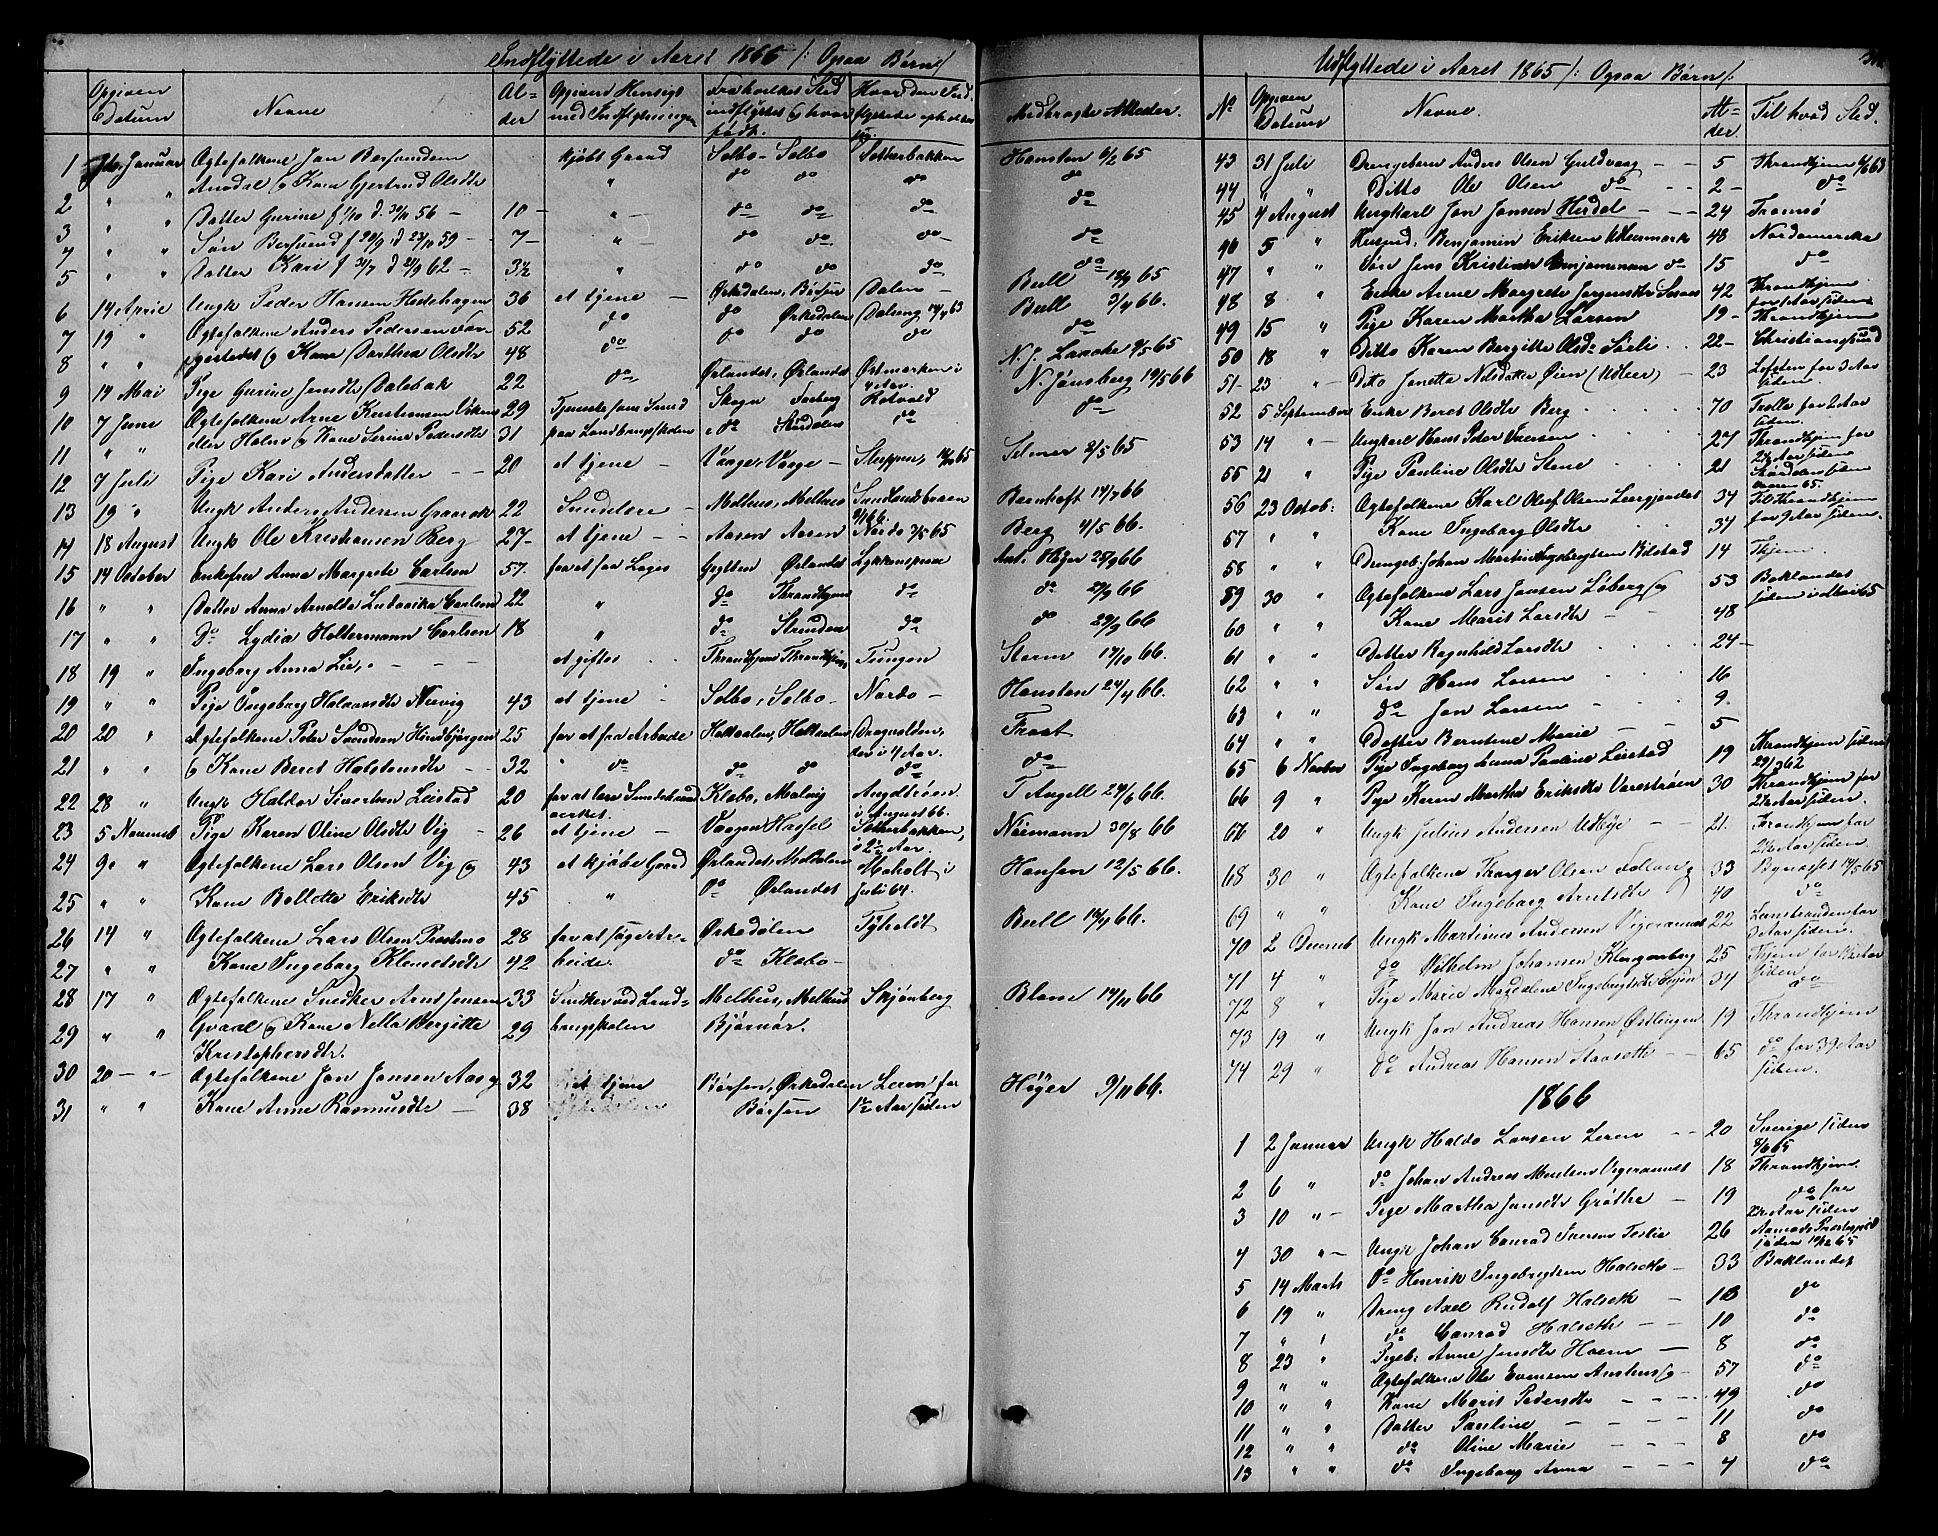 SAT, Ministerialprotokoller, klokkerbøker og fødselsregistre - Sør-Trøndelag, 606/L0311: Klokkerbok nr. 606C07, 1860-1877, s. 311